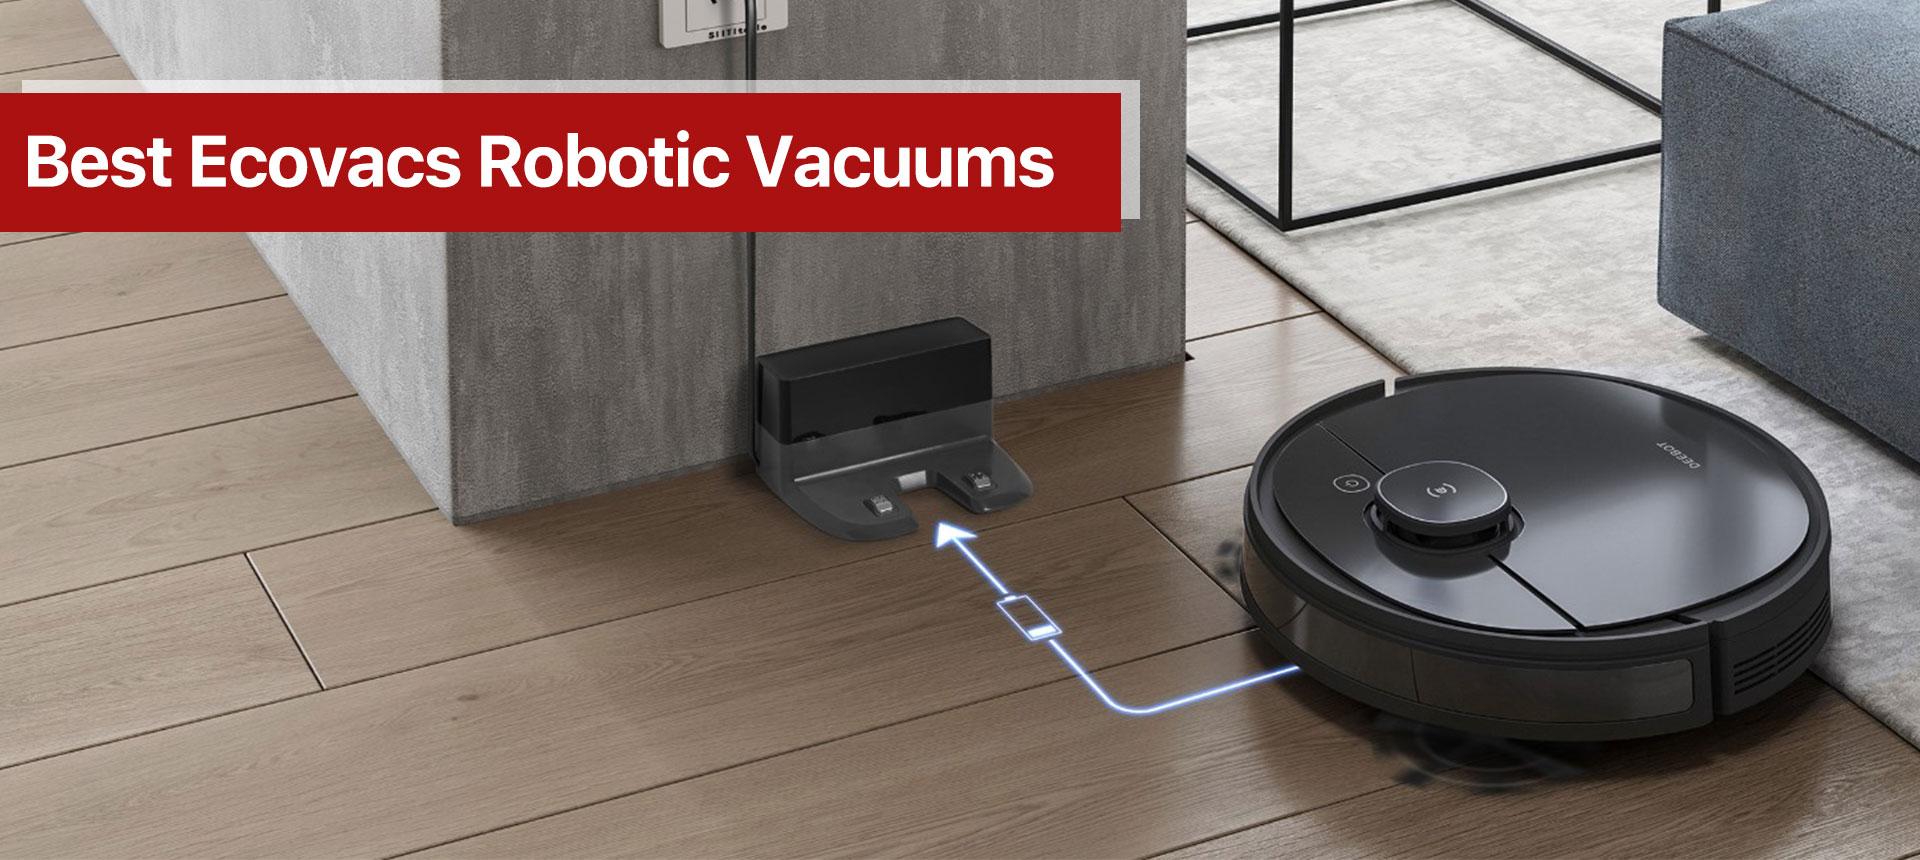 Best Ecovacs Robotic Vacuums